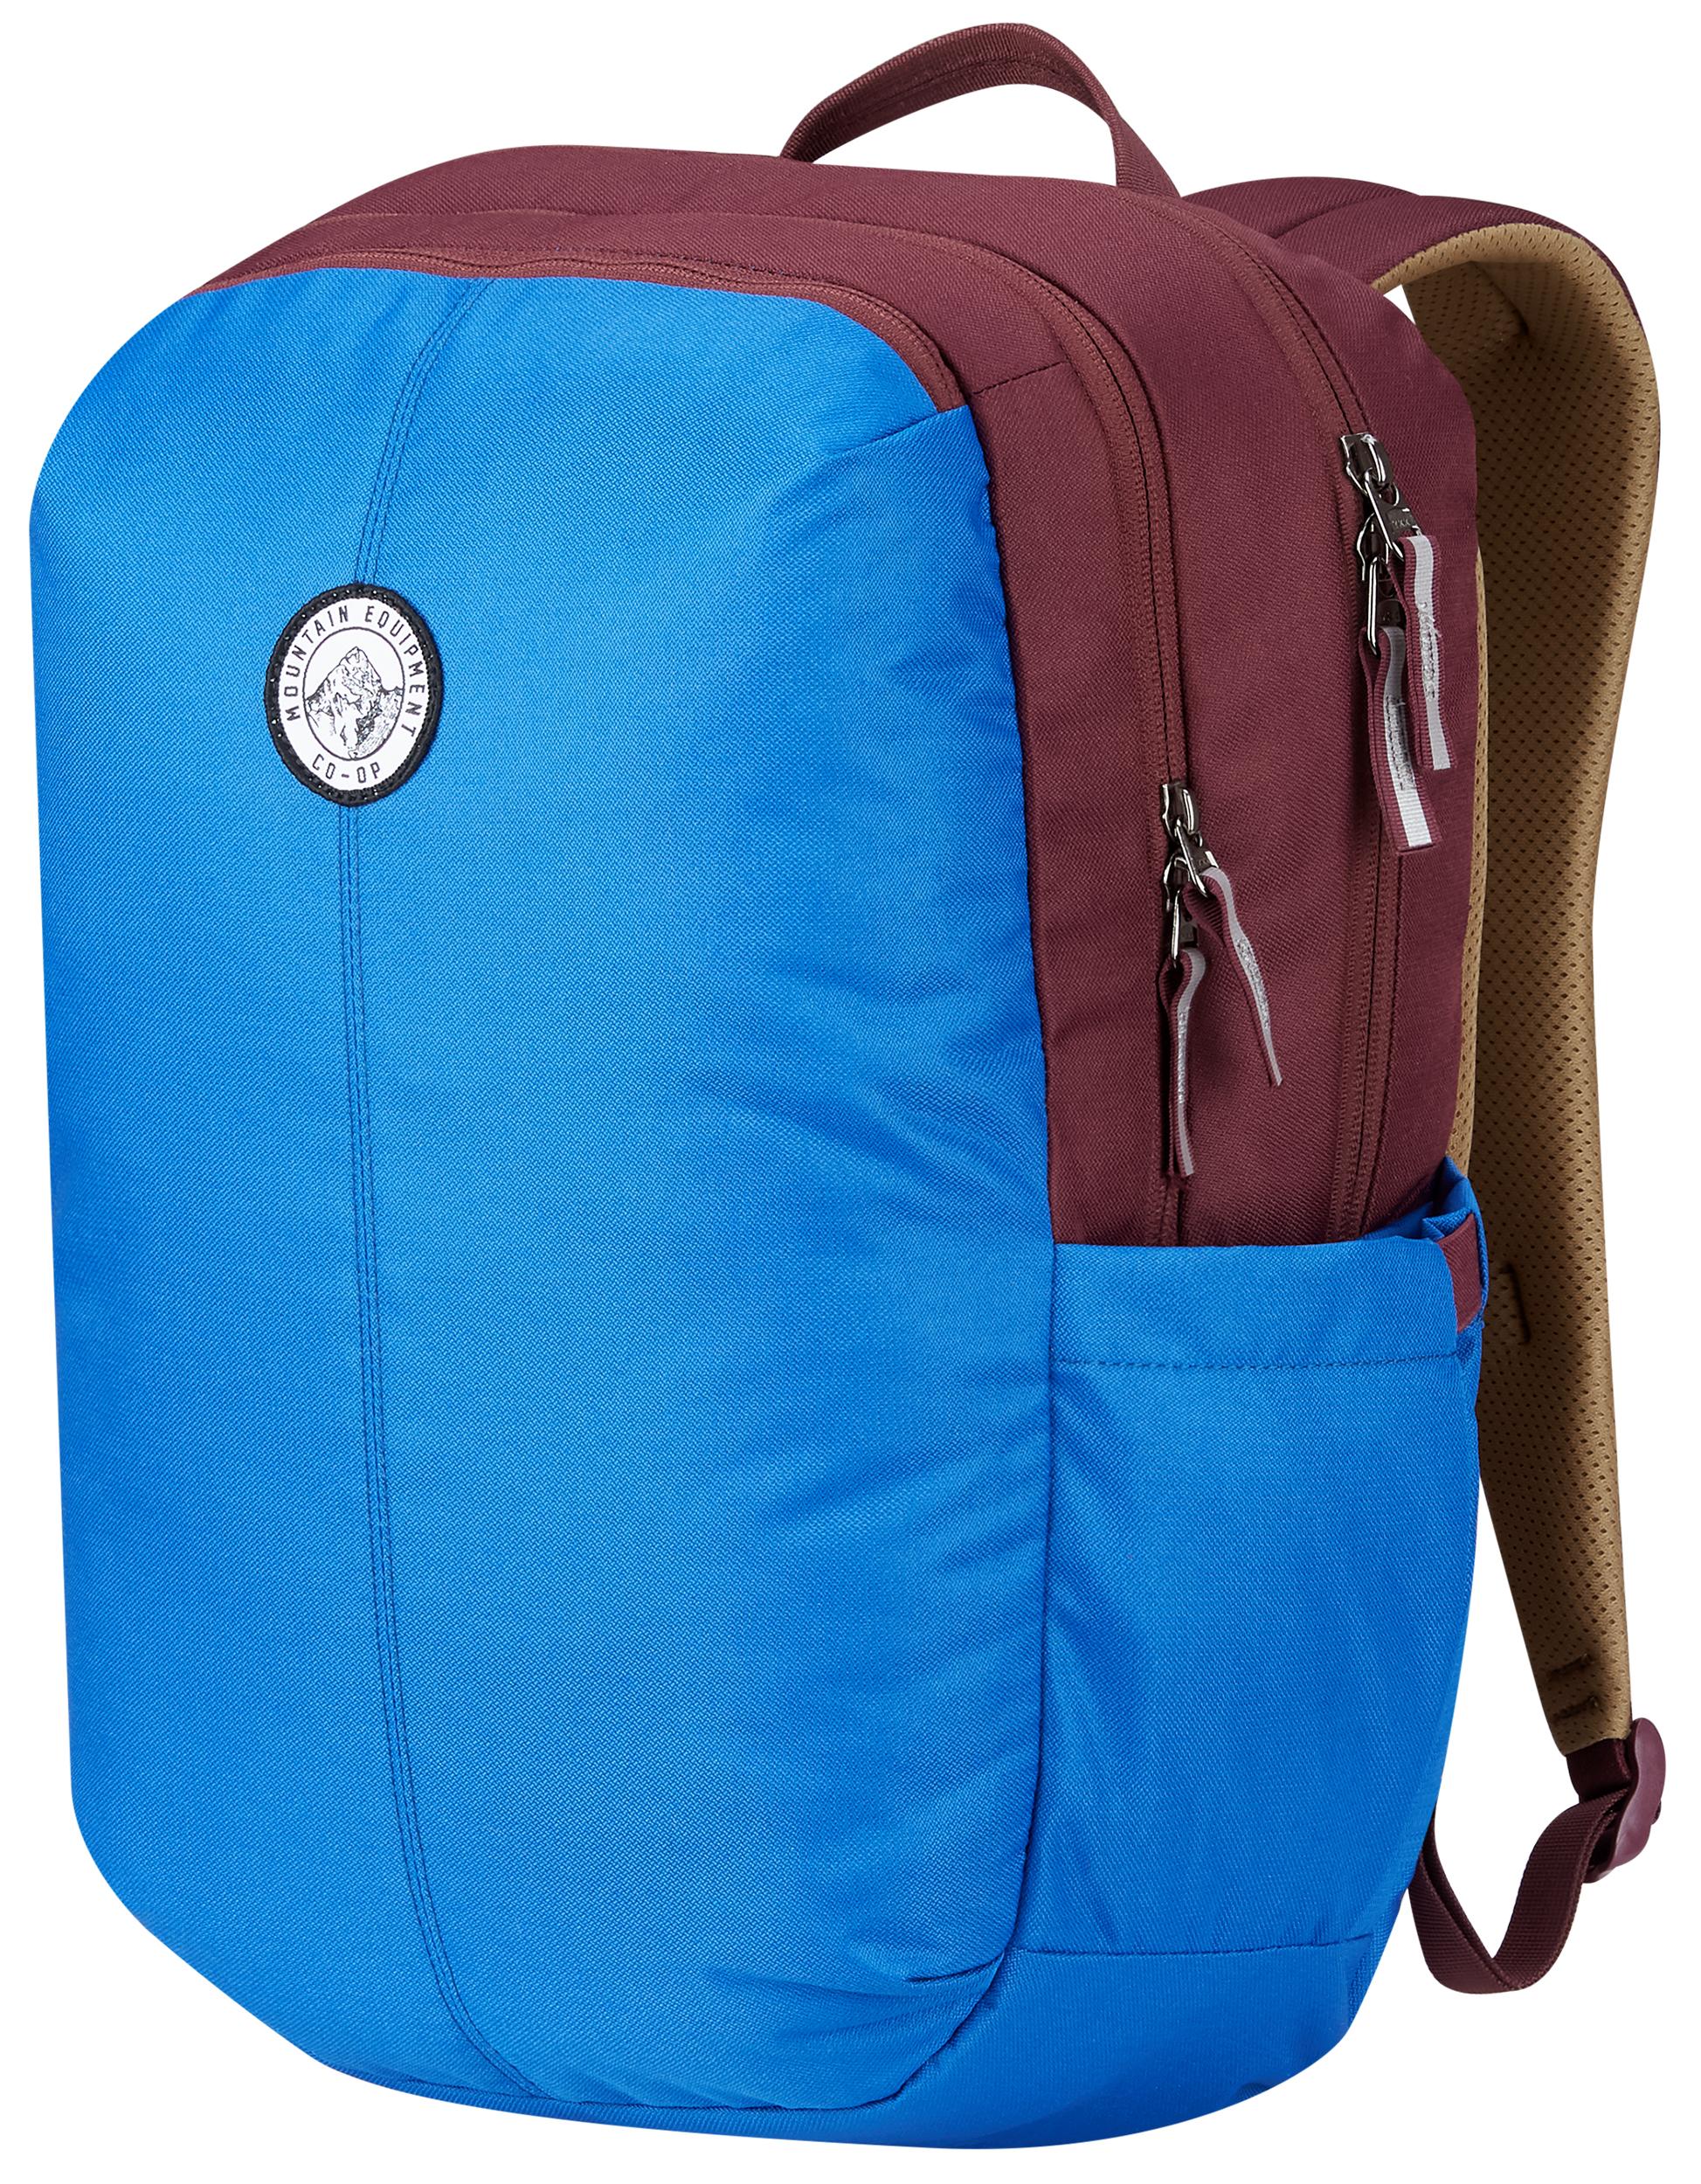 51a6ae0c50de Packs and bags | MEC